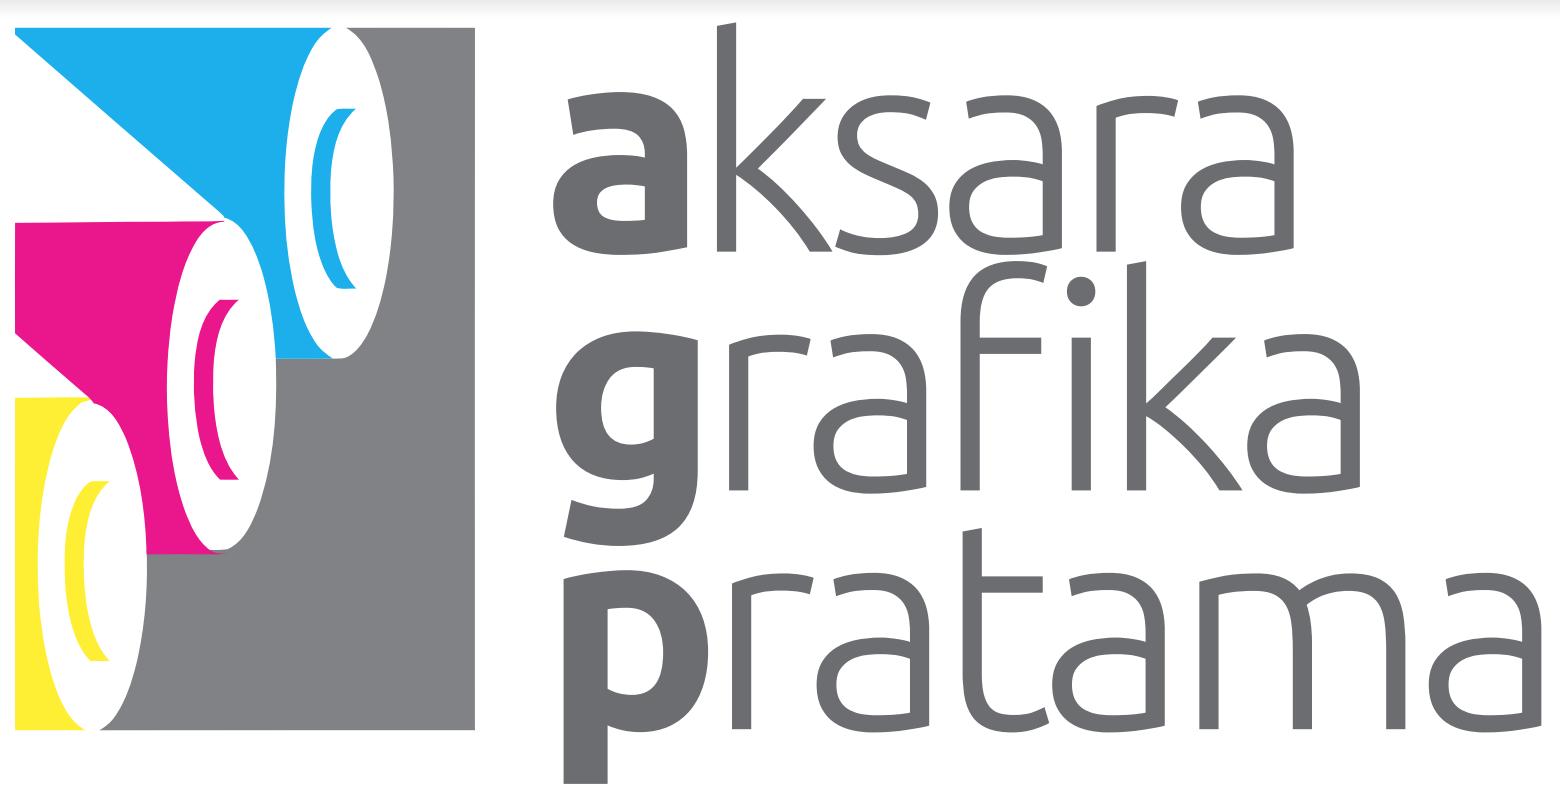 Aksara Grafika Pratama